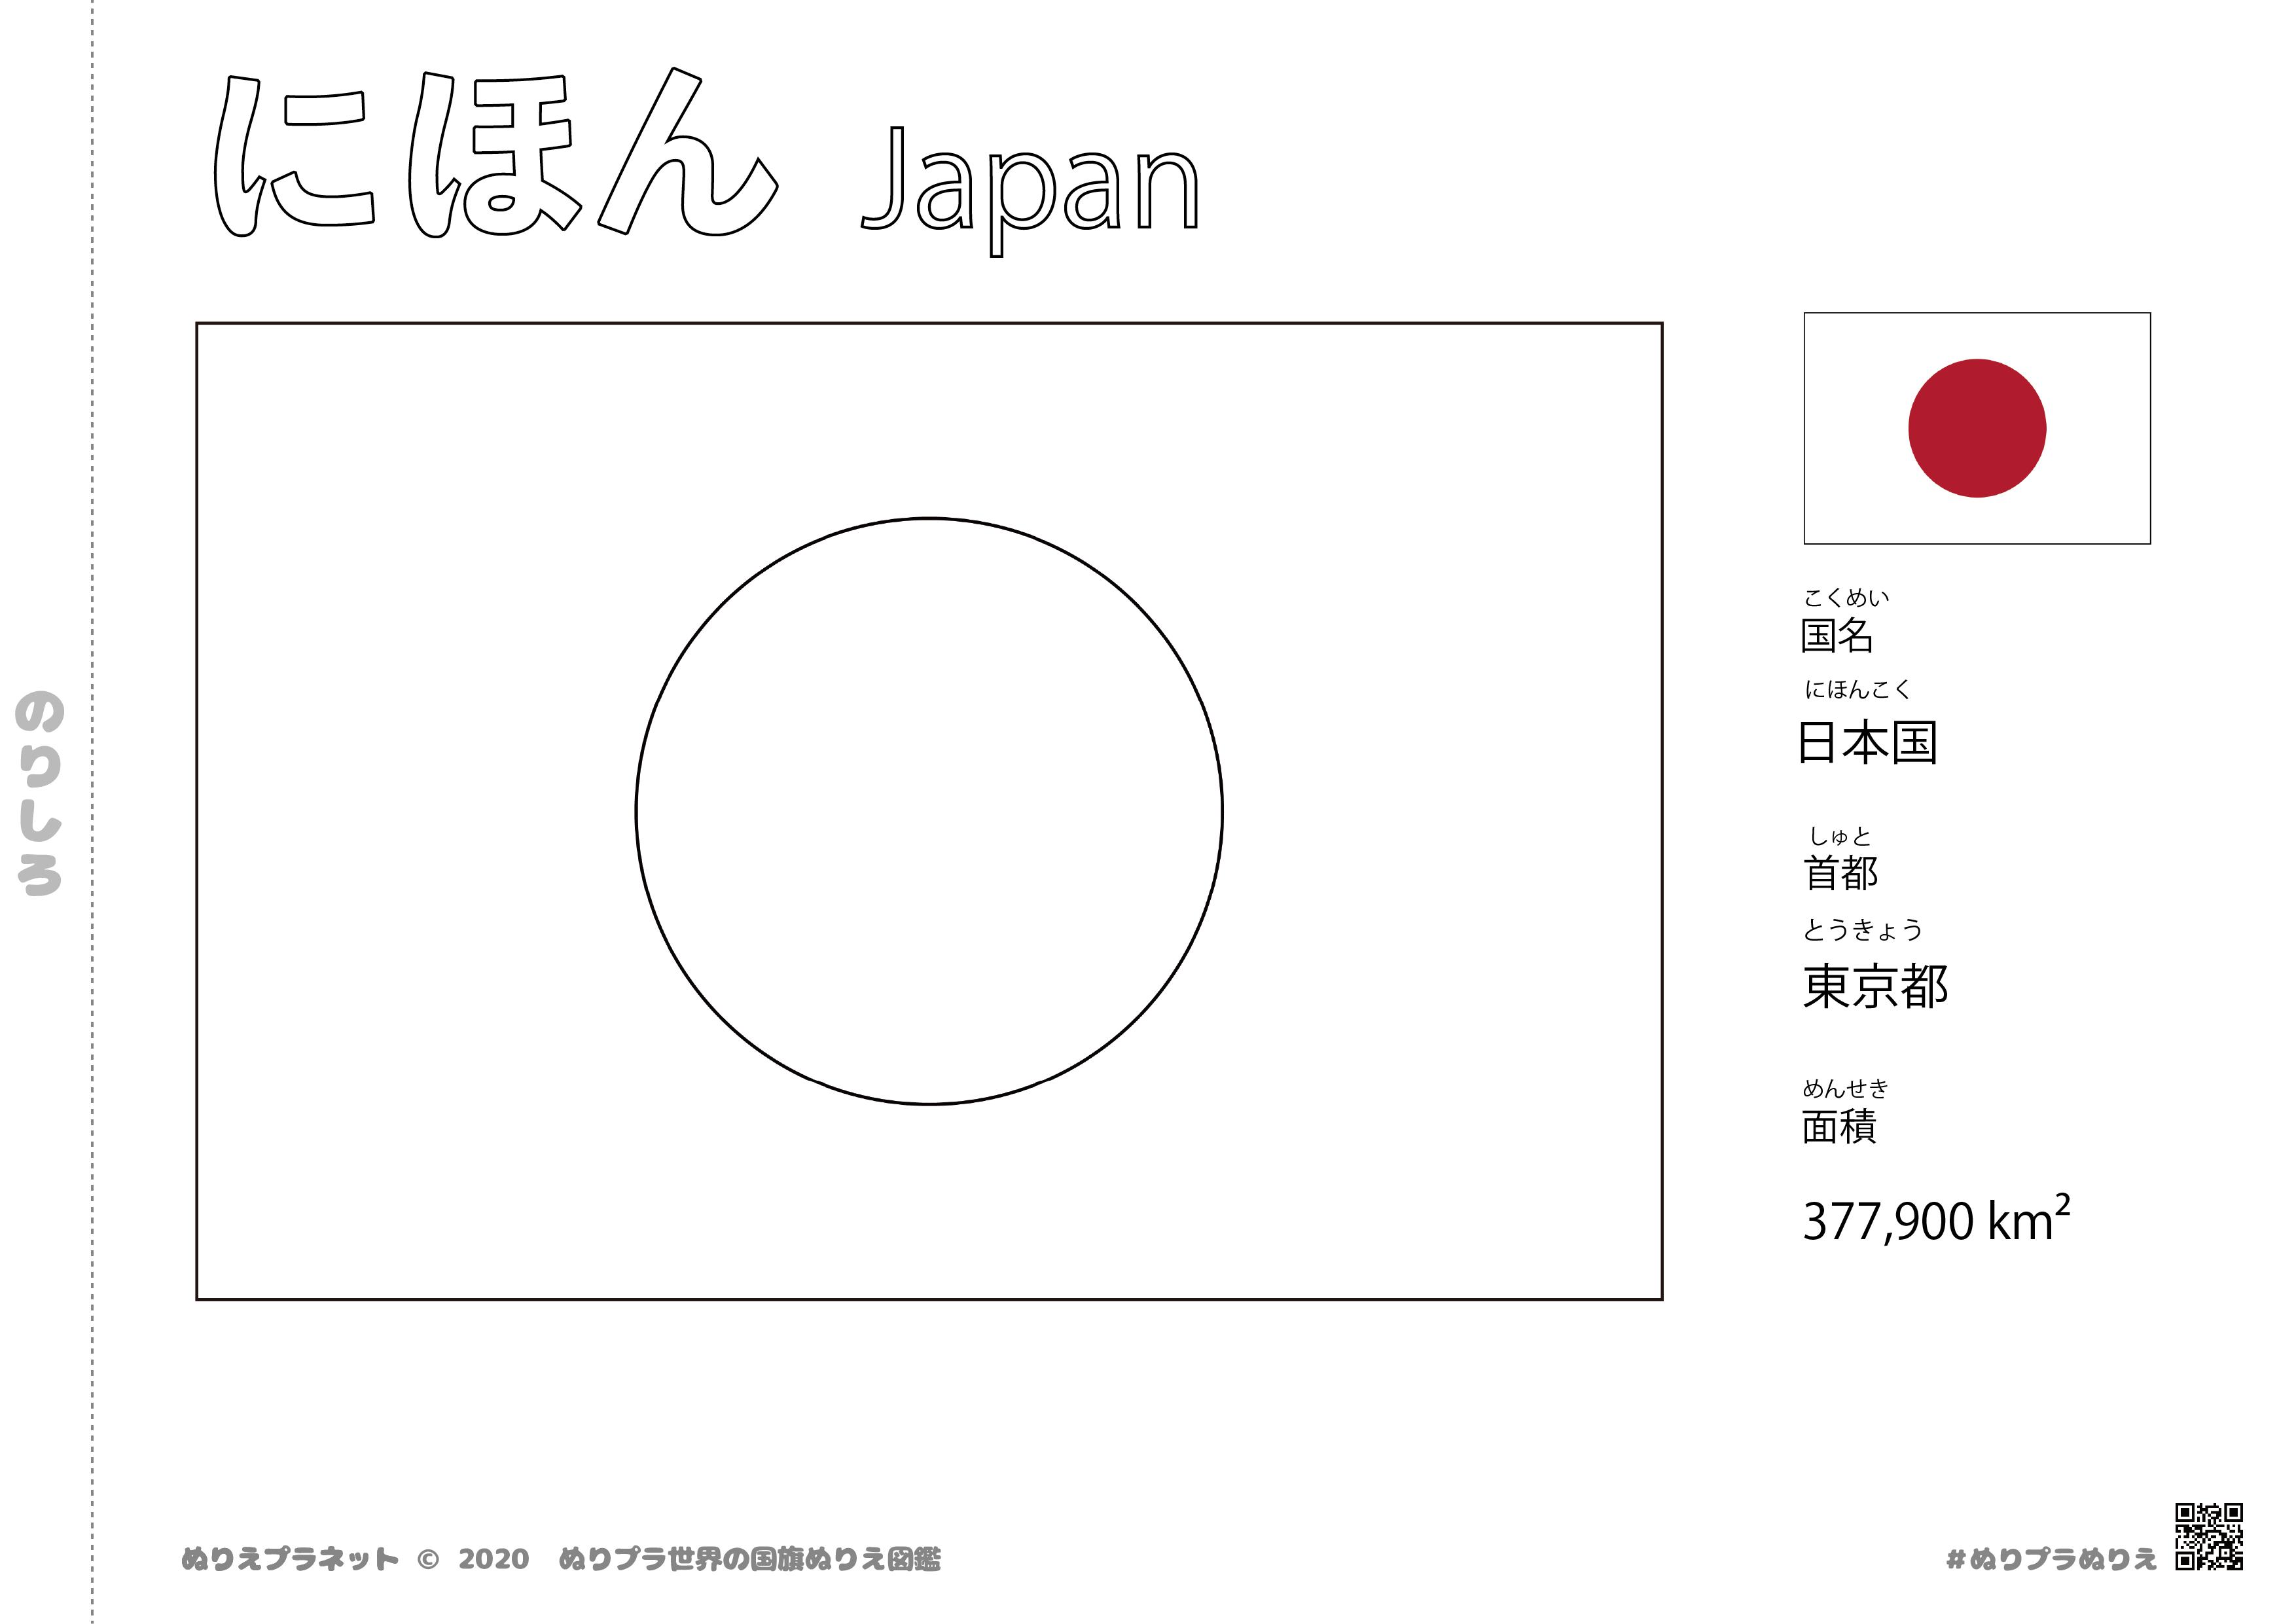 世界の国旗シリーズぬりえの日本の国旗の塗り絵です。